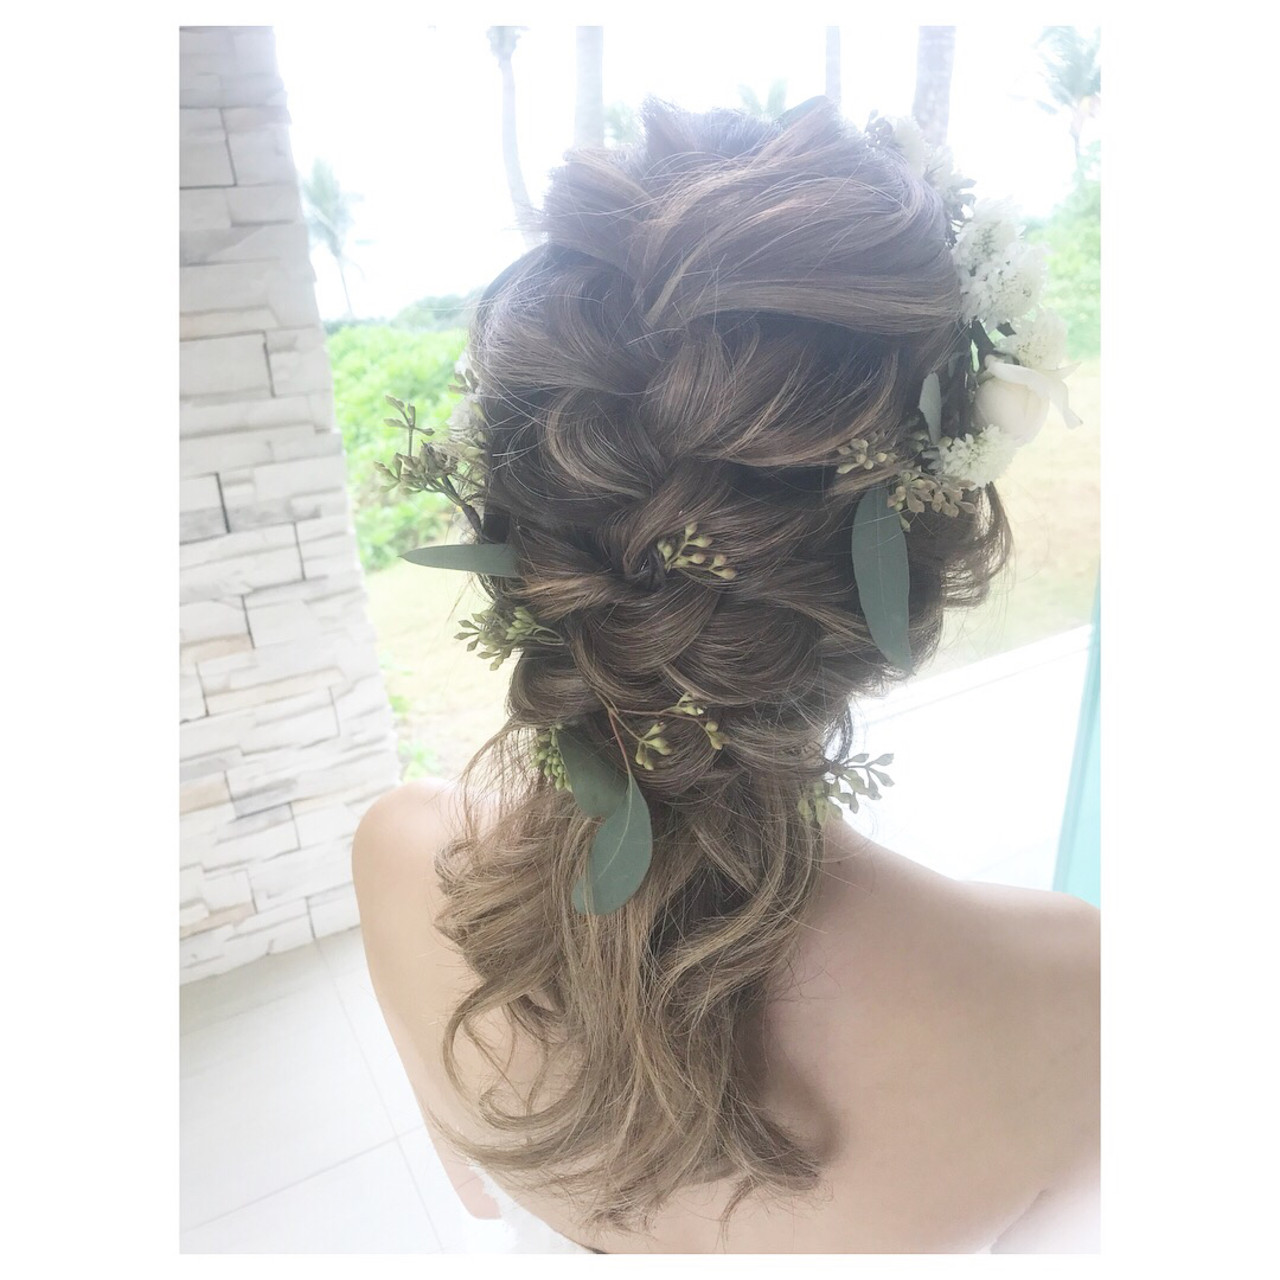 ミディアム 花嫁 アンニュイほつれヘア 結婚式 ヘアスタイルや髪型の写真・画像 | ayano ura / hairmakeFULL